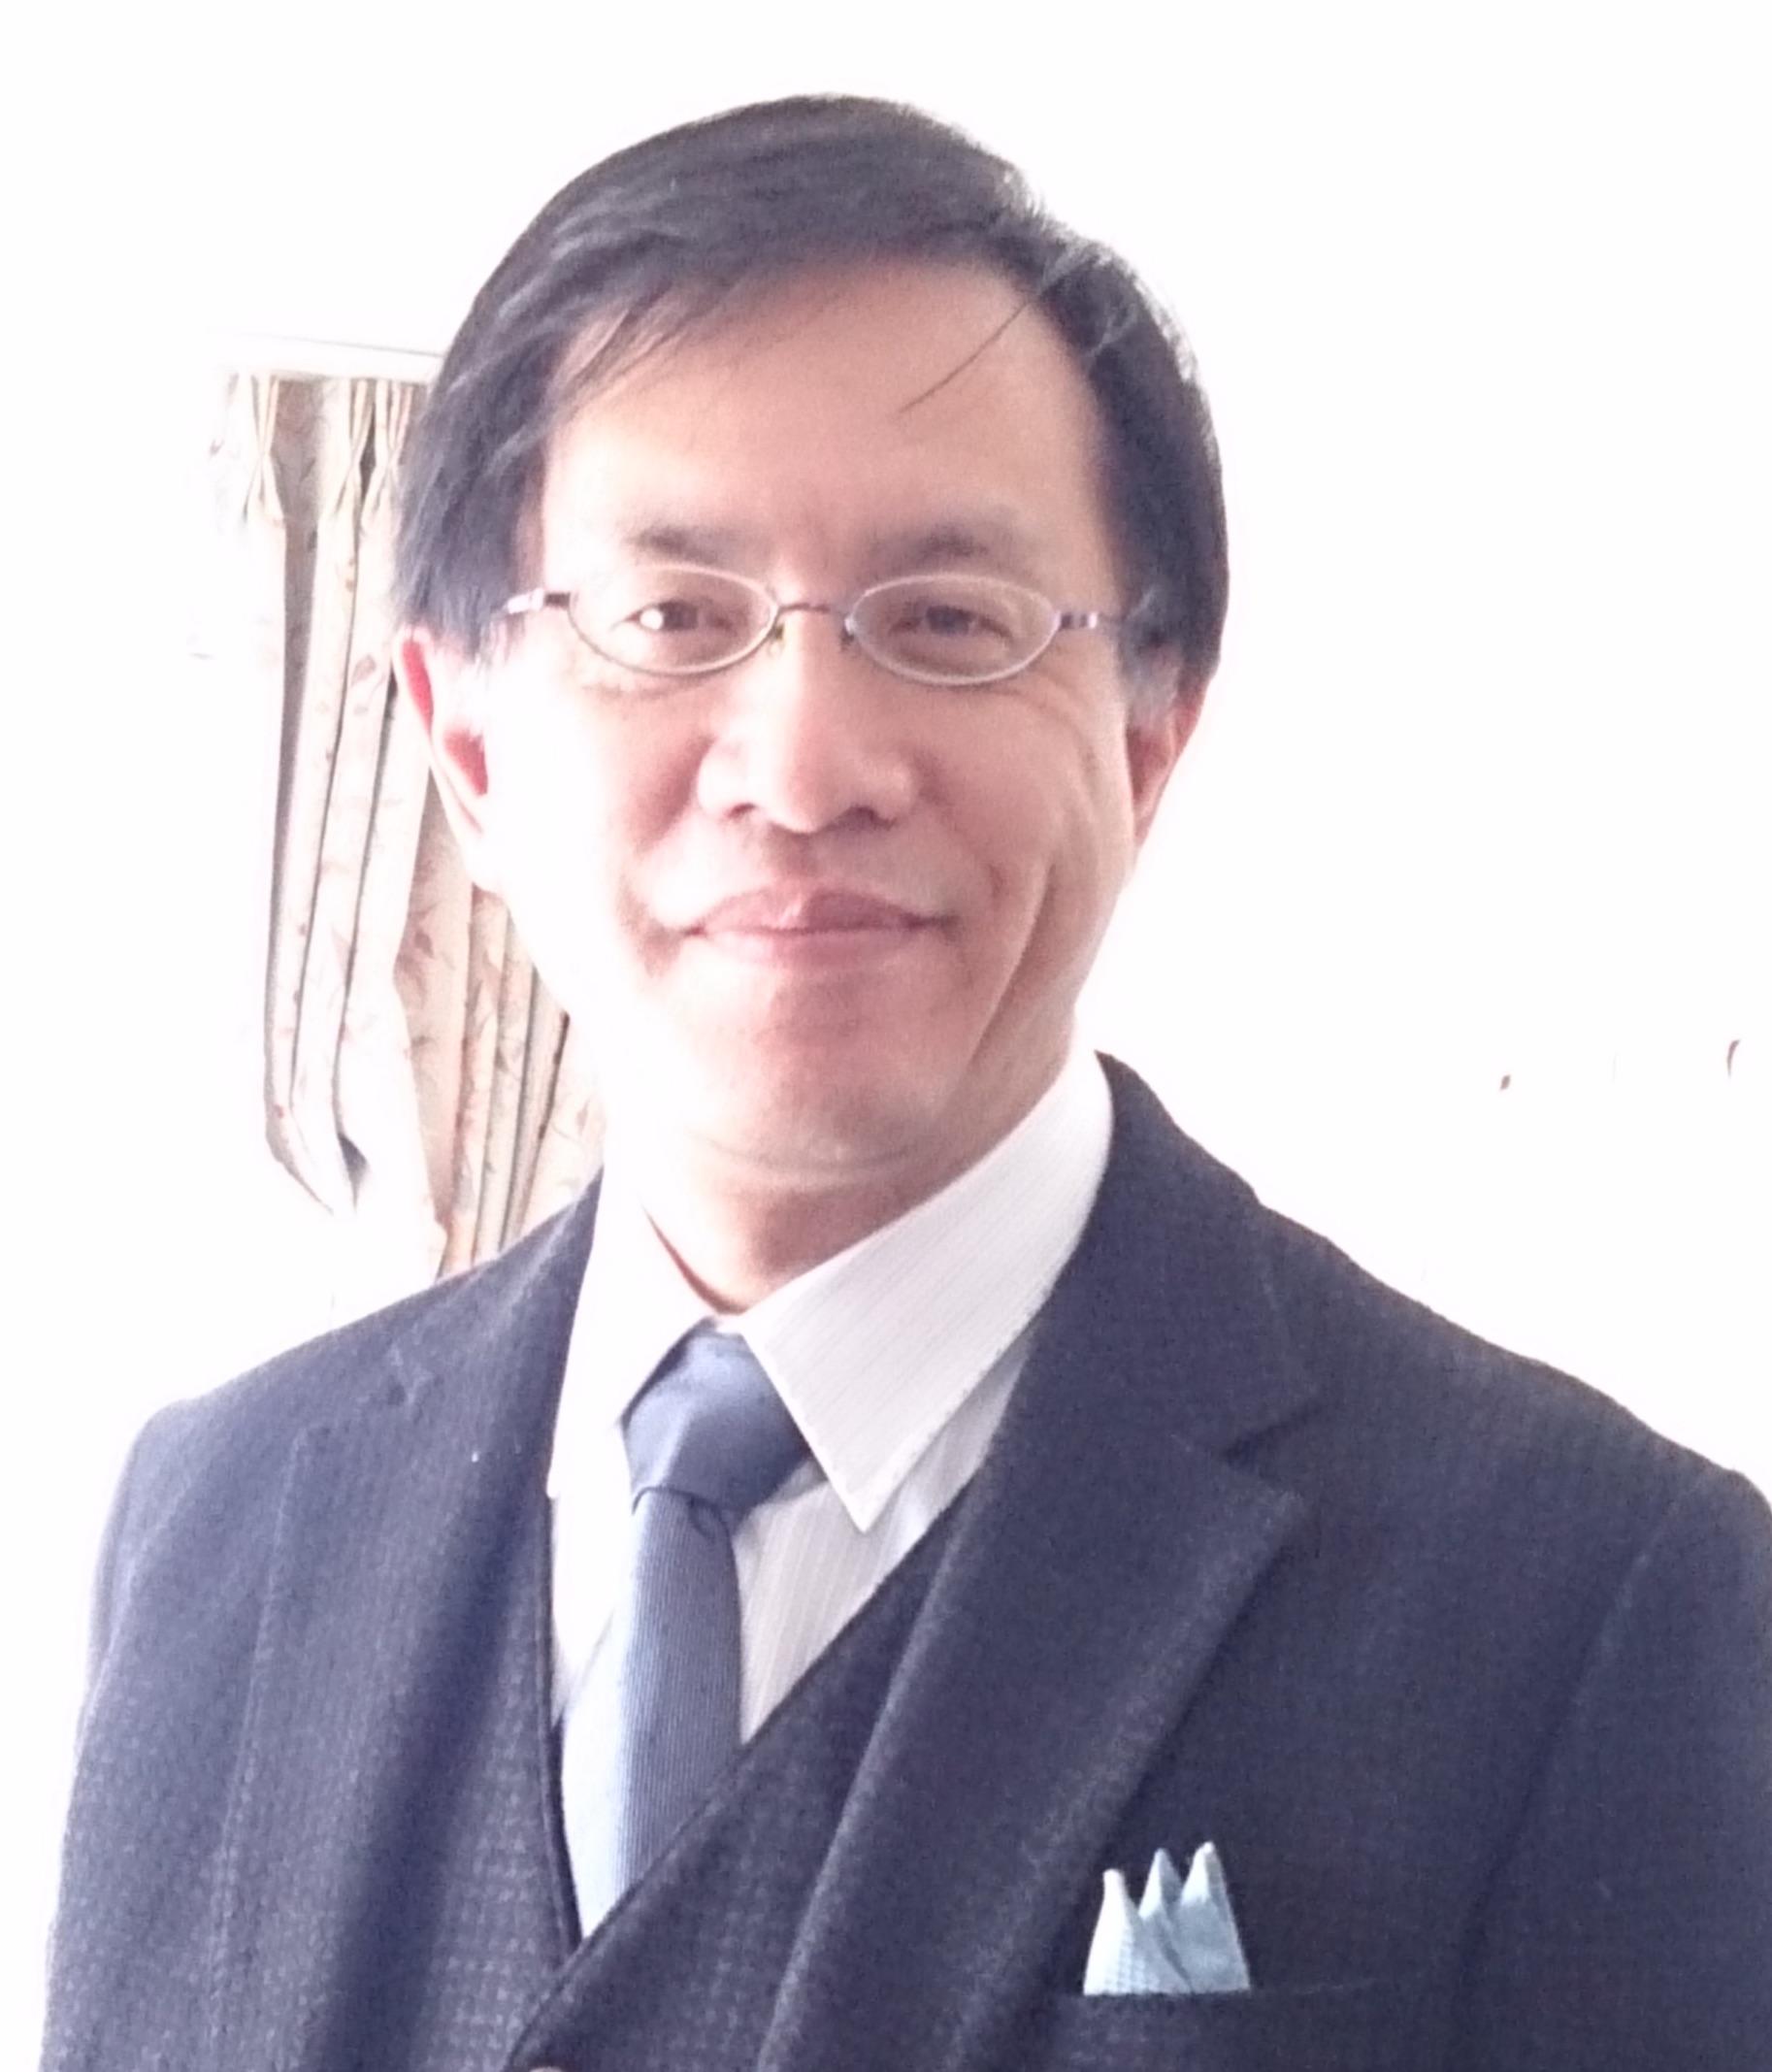 Shin Takasawa